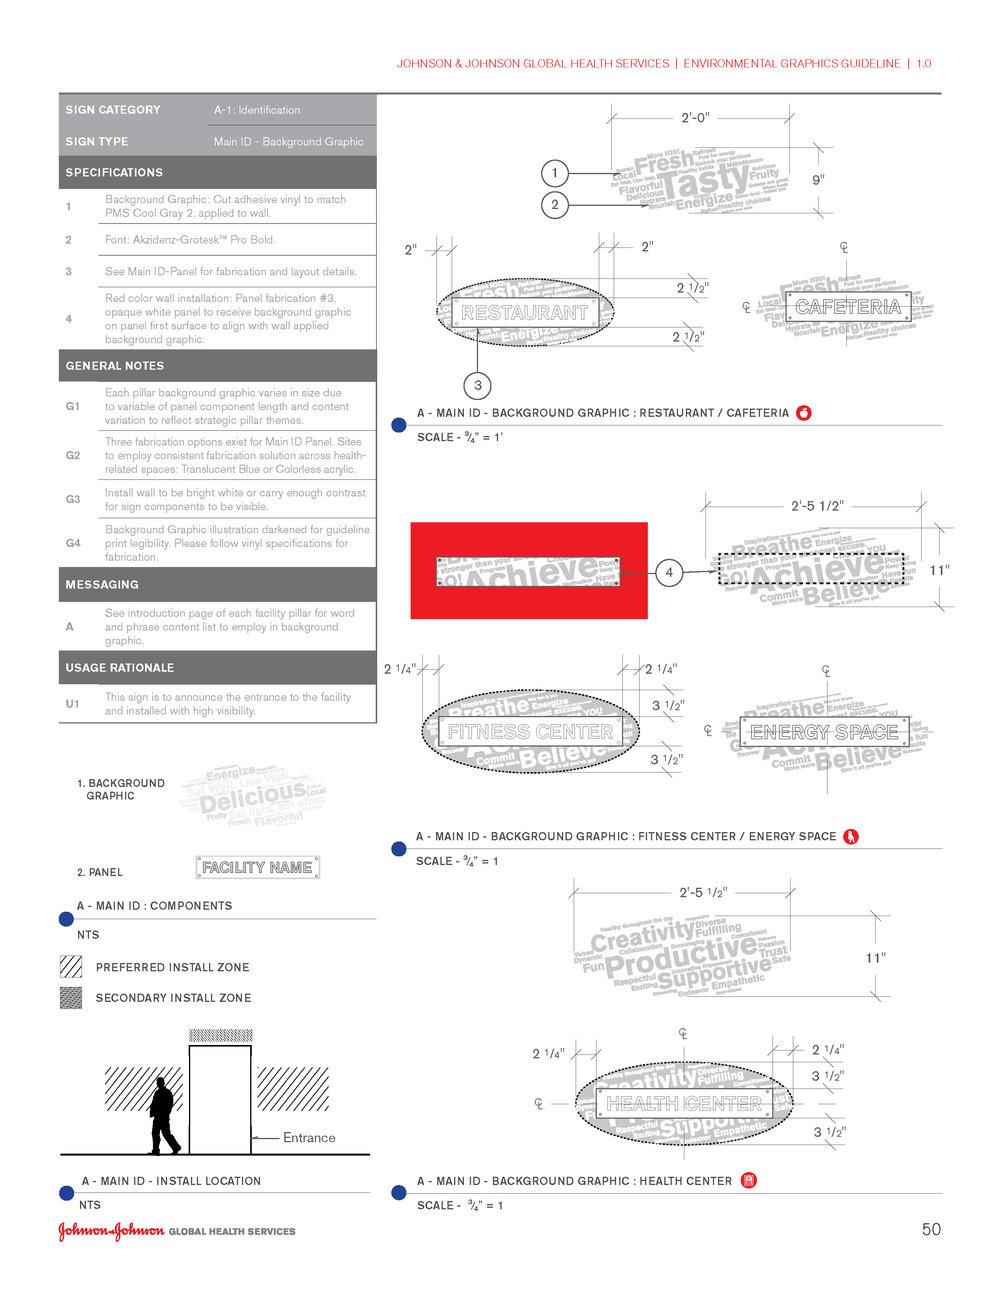 170929_GHS-EnvironmentalGuidelines_1.0 copy_Page_050.jpg